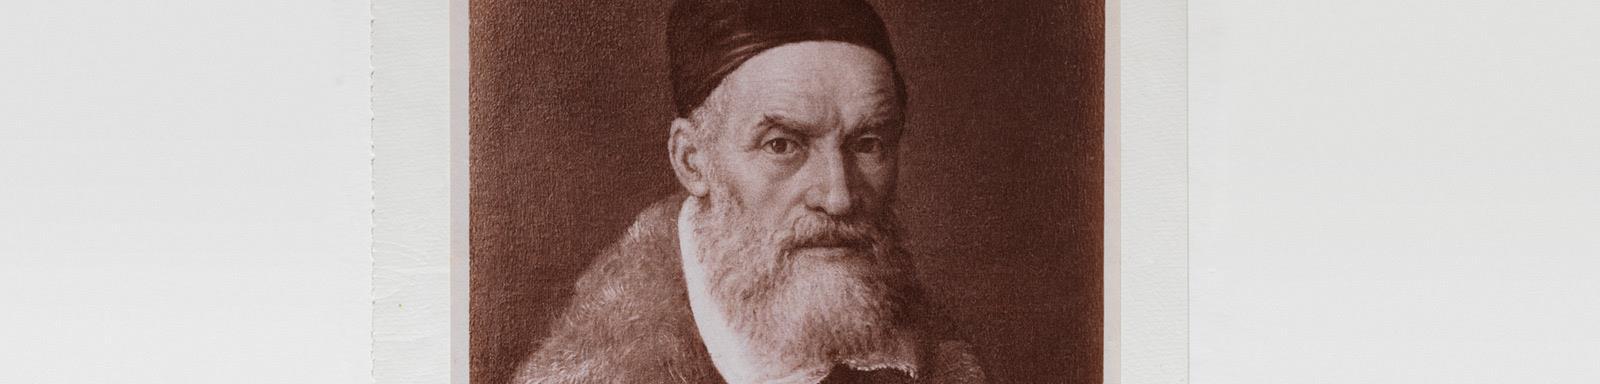 Bassano, Jacopo